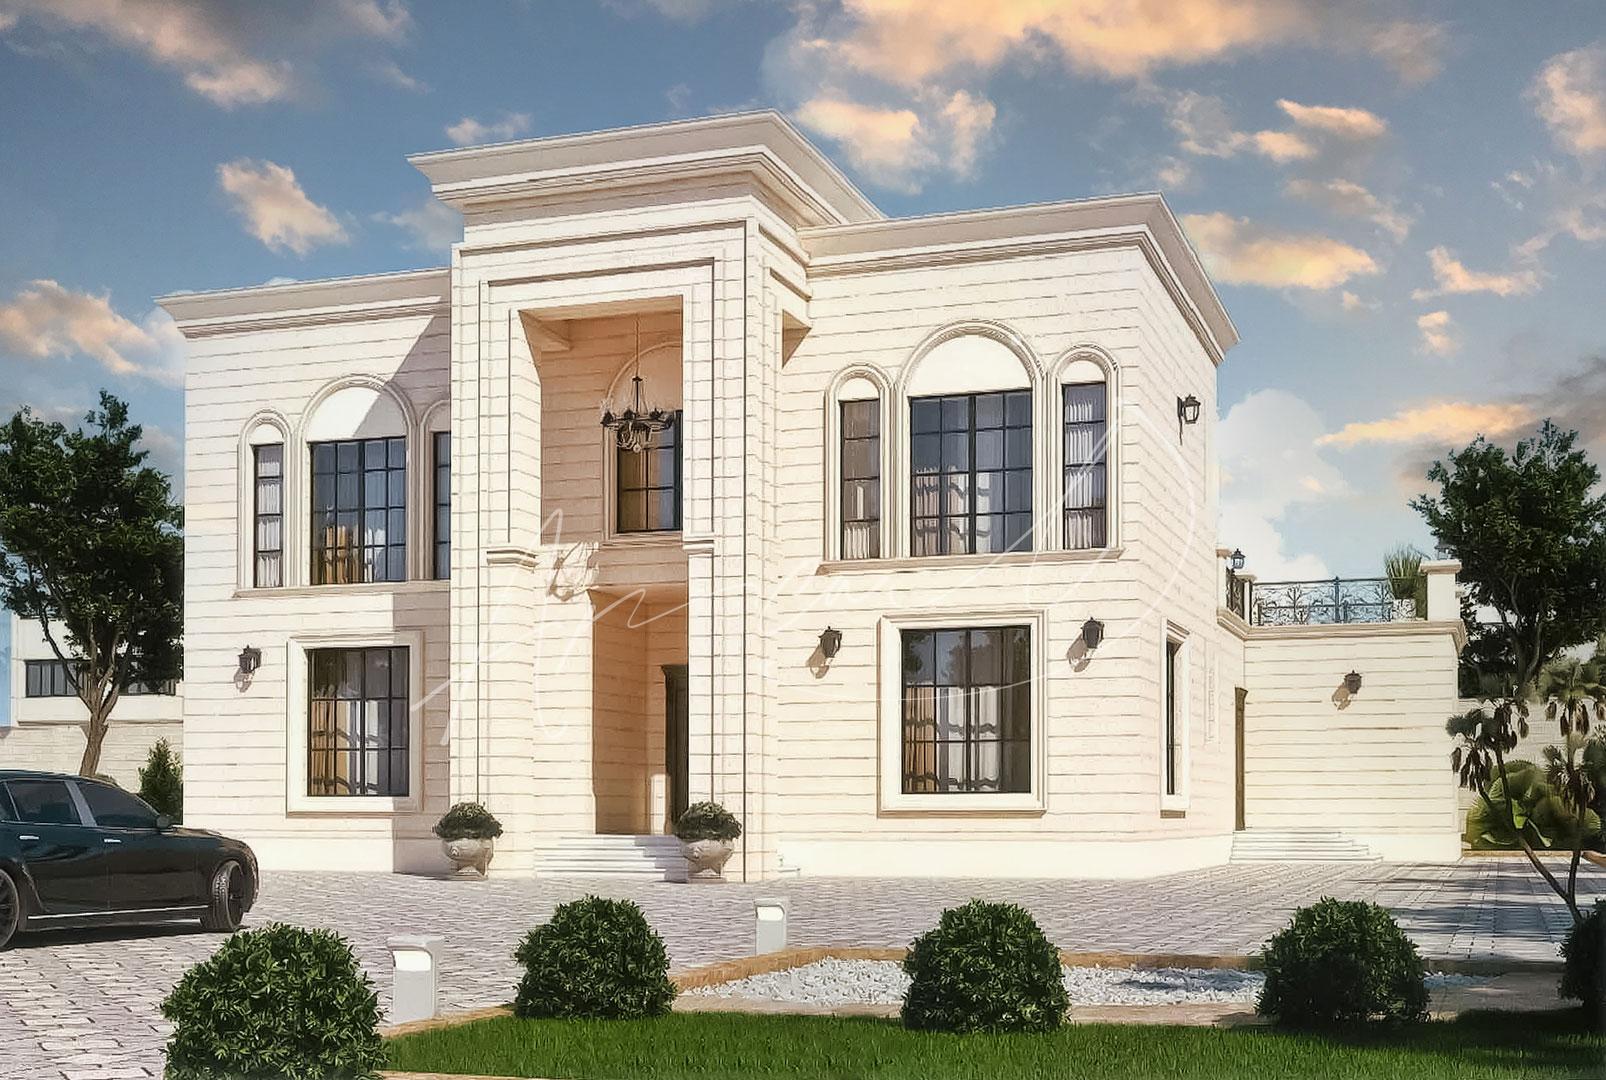 New Classic Villa Design - 050